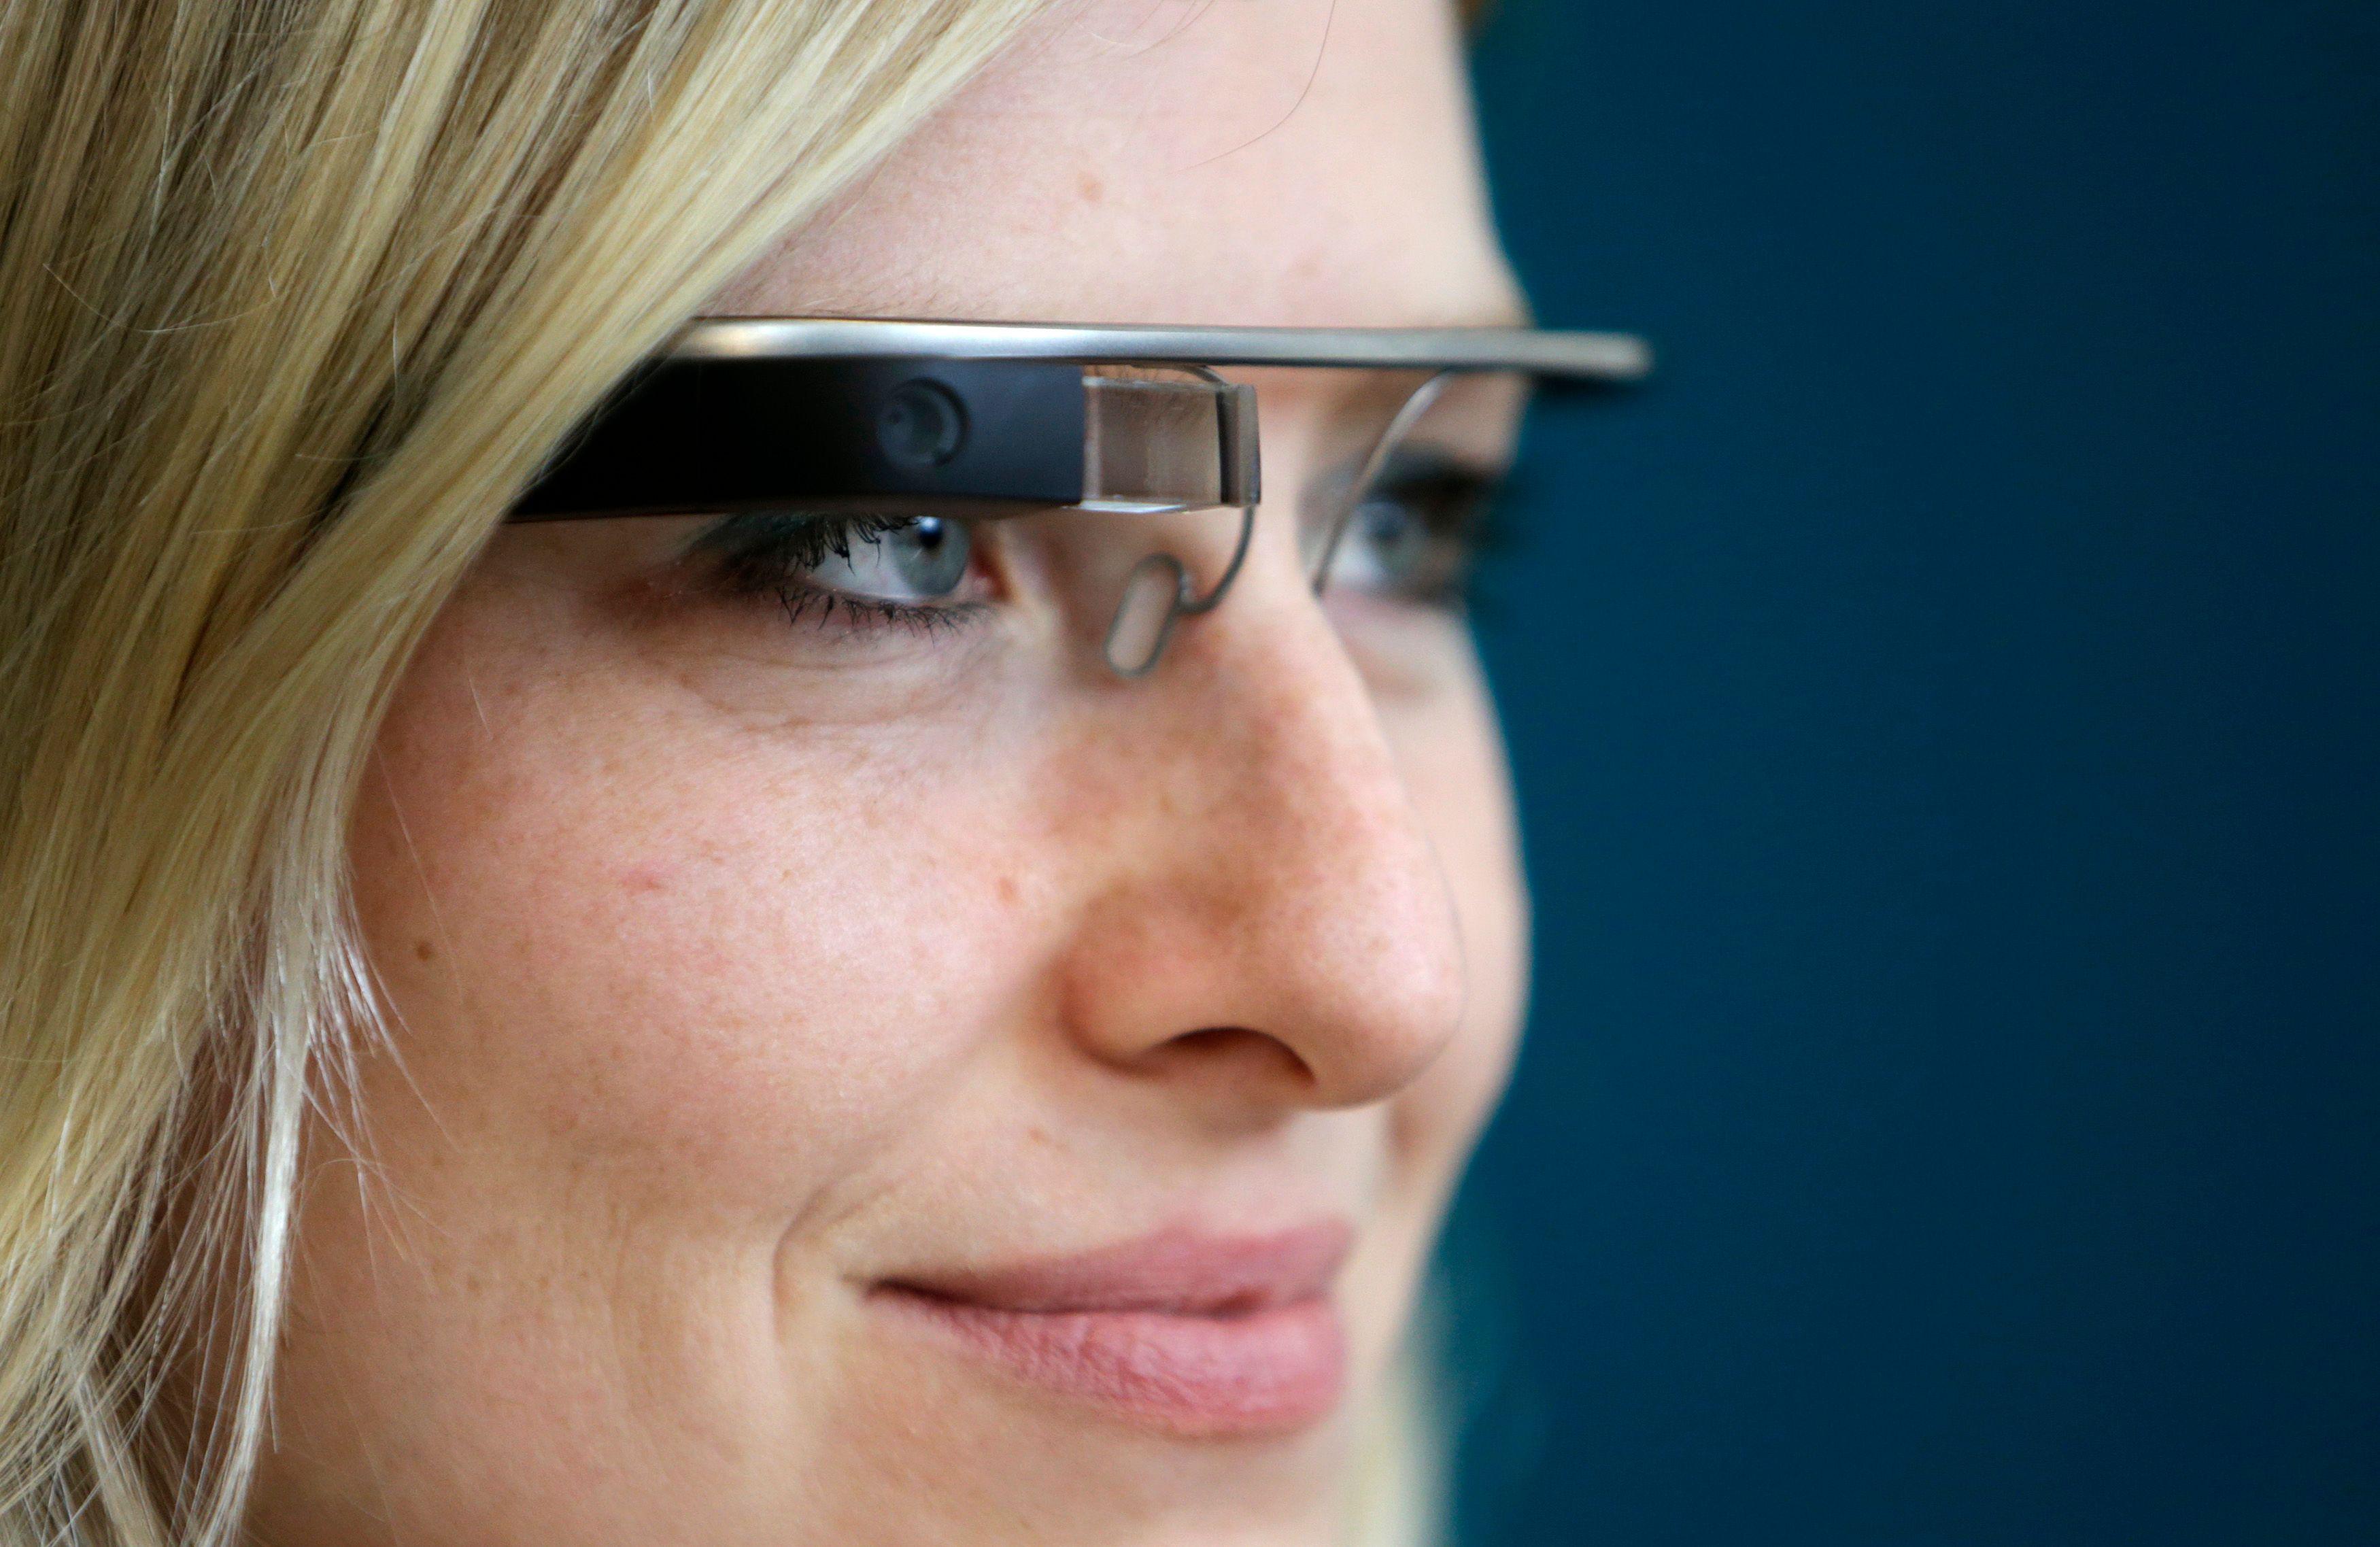 Les Google glasses avec caméras intégrées débarquent au Royaume-Uni.